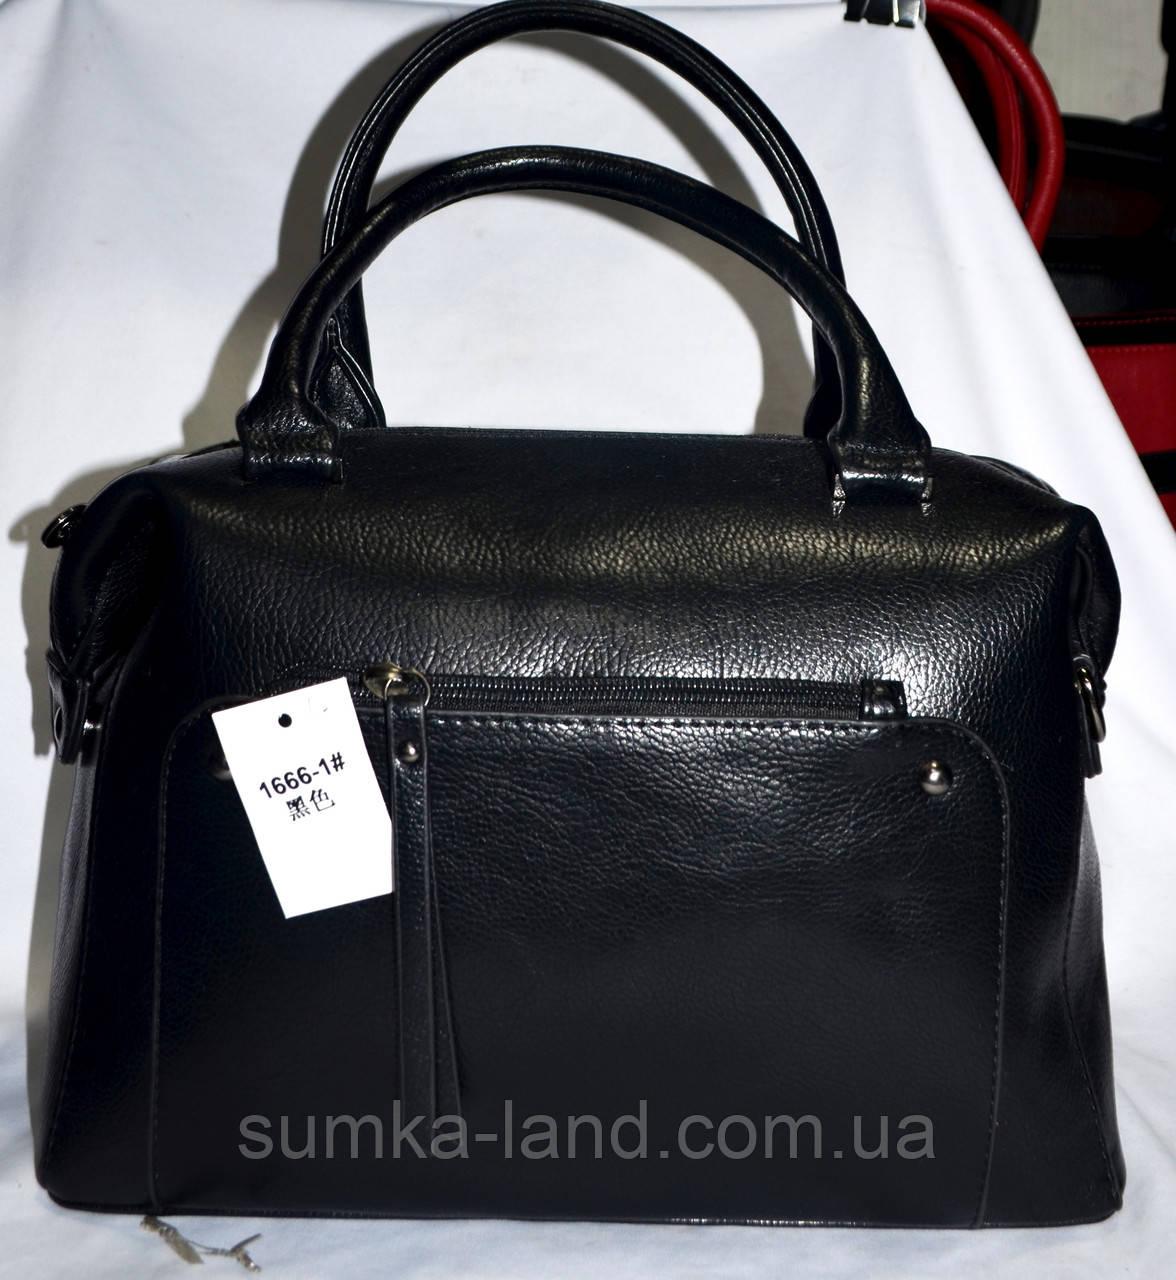 Женская черная сумка с длинным ремешком на 1 отделение 33*22 см